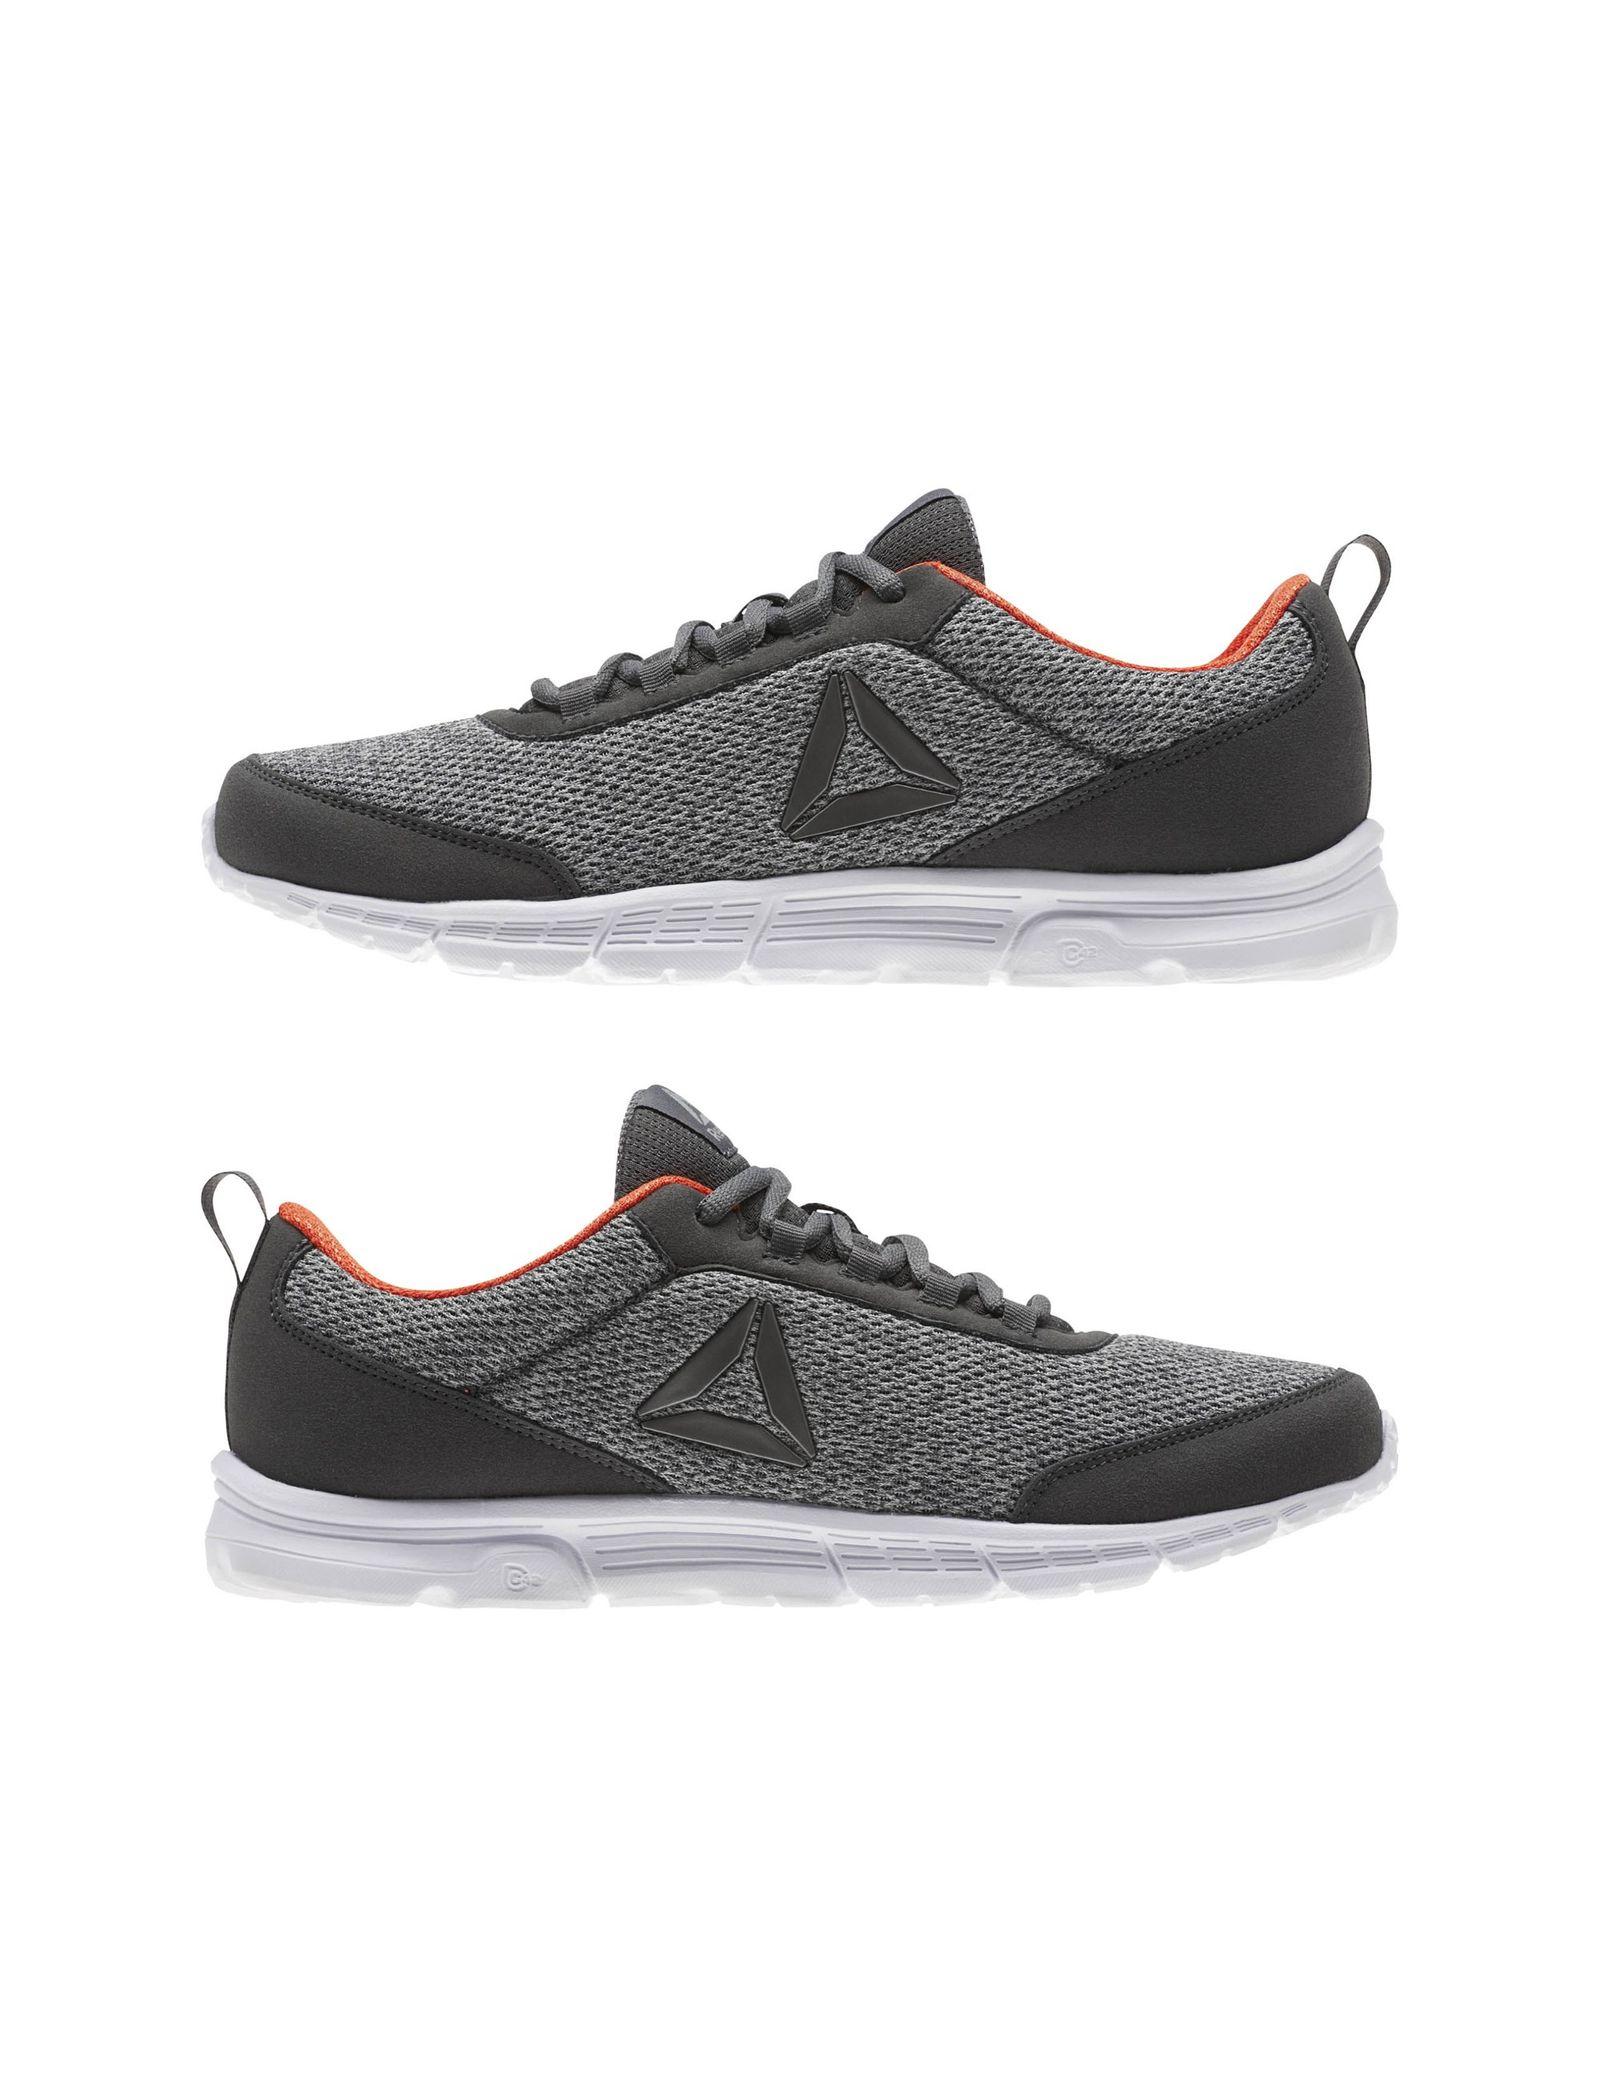 کفش مخصوص دویدن مردانه ریباک مدل Speedlux - طوسي - 2